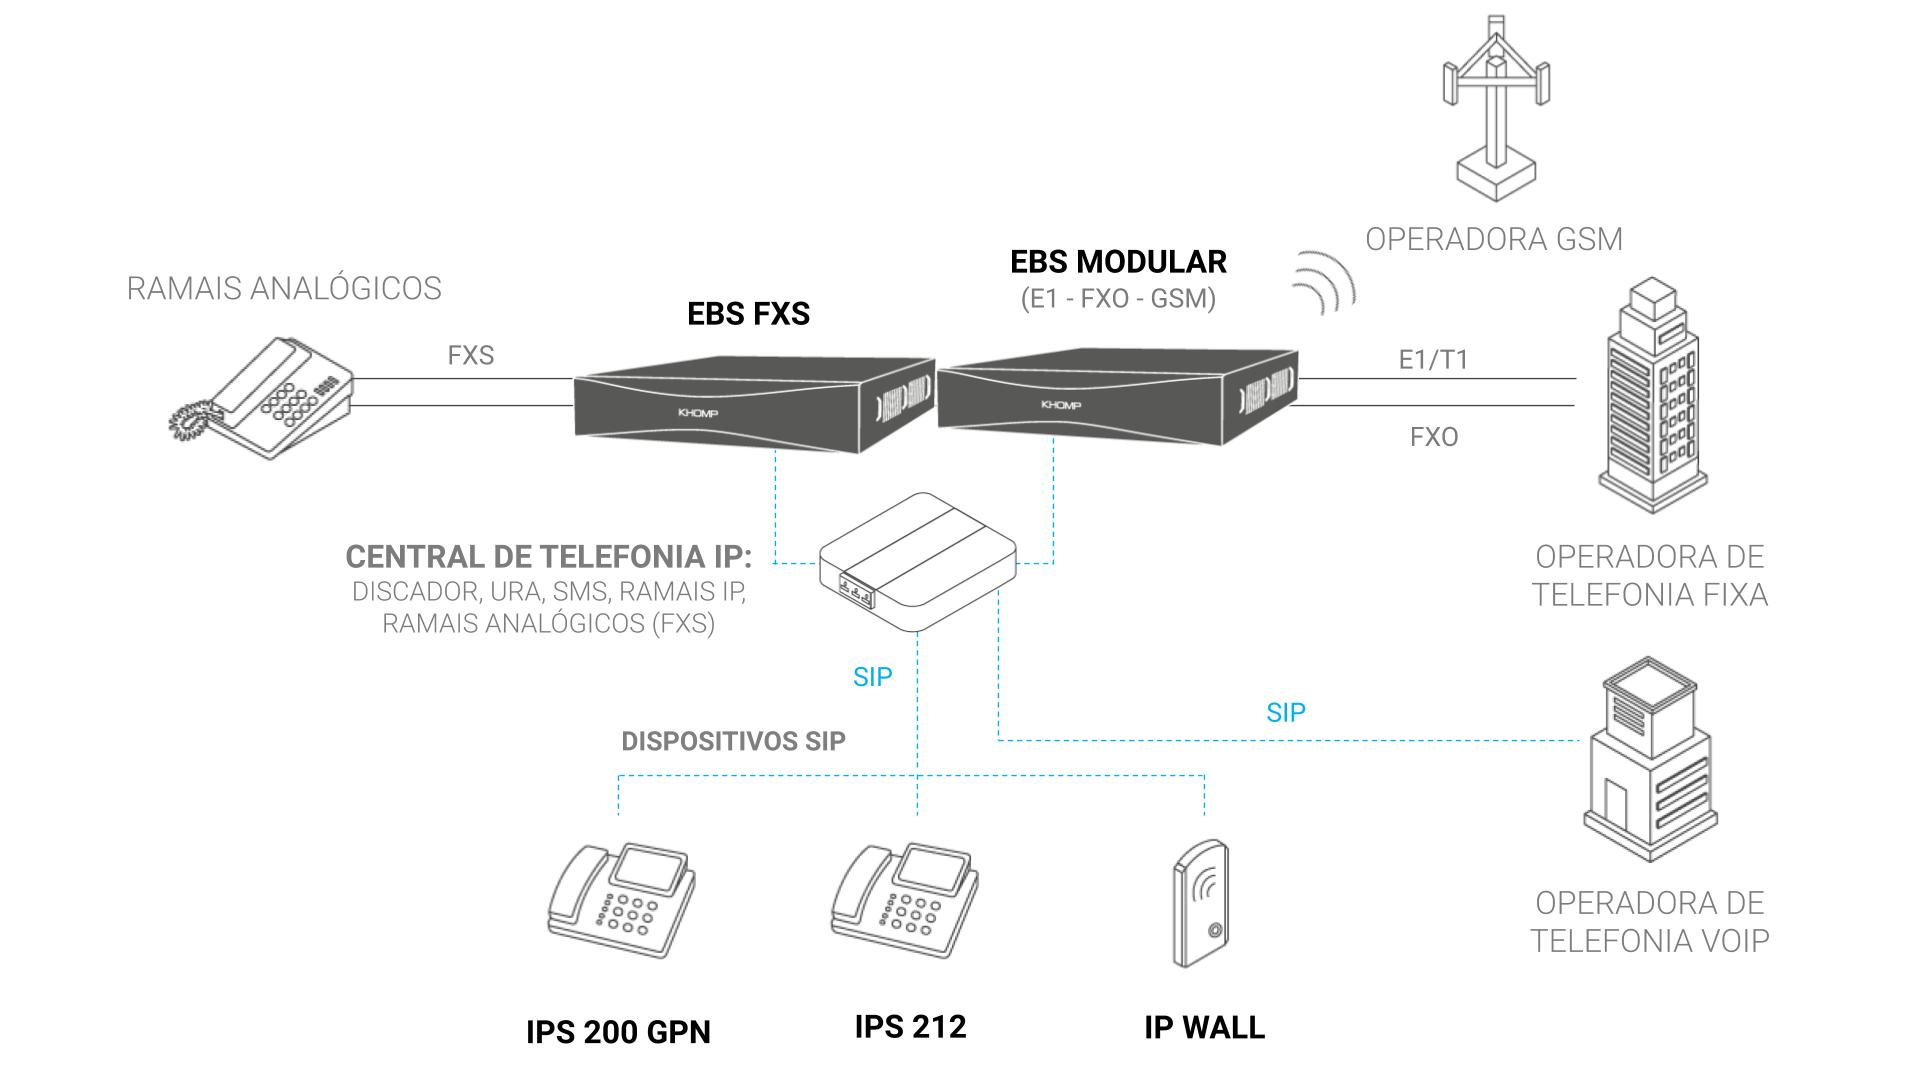 Modelo de Aplicação - EBS Modular